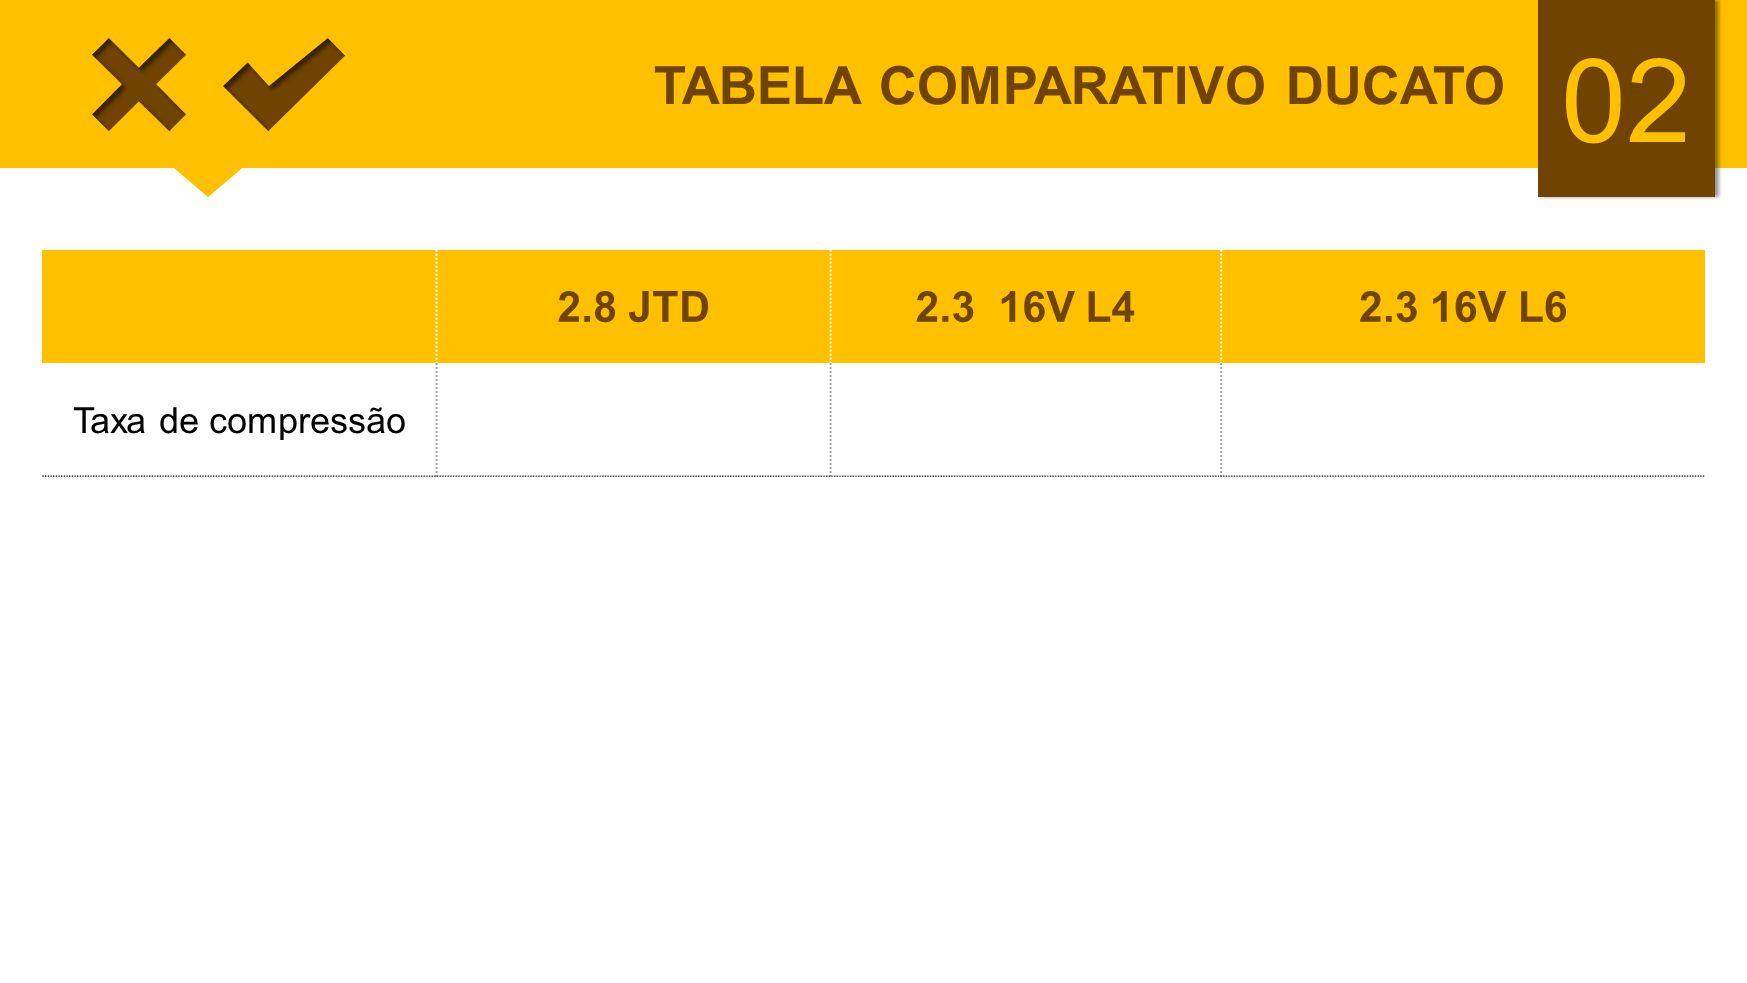 02 TABELA COMPARATIVO DUCATO 2.8 JTD2.3 16V L42.3 16V L6 Taxa de compressão18,519:116:1